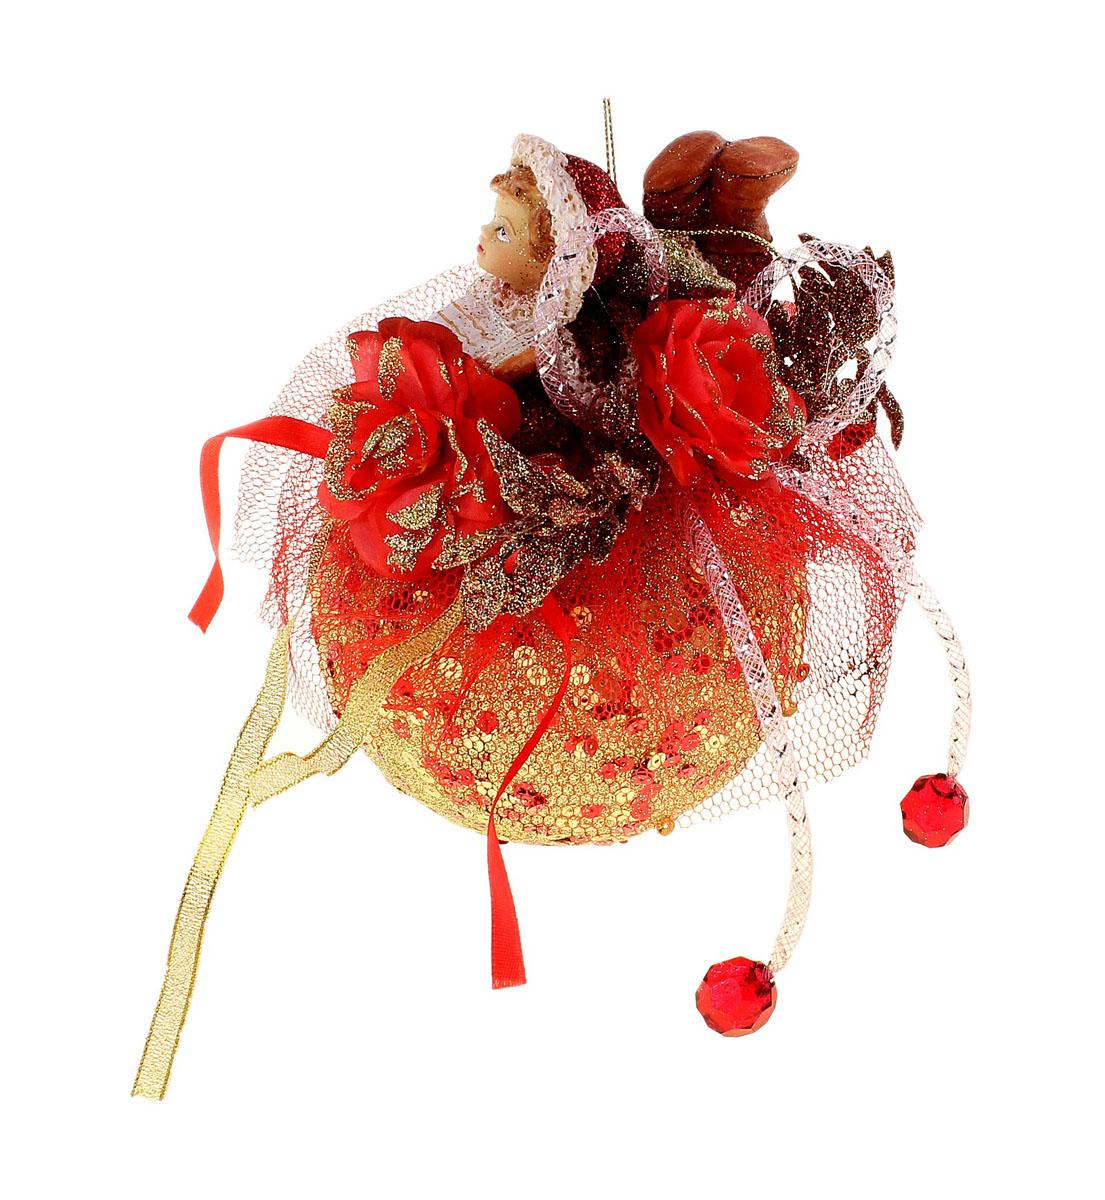 Новогоднее подвесное украшение Sima-land Девочка на шаре, диаметр 10 смRSP-202SНовогоднее украшение Sima-land Девочка на шаре отлично подойдет для декорации вашего дома и новогодней ели. Игрушка выполнена из пластика в виде большого шара, декорированного пайетками, текстильной сеткой и лентами, цветами, листьями и декоративными камнями. Сверху на шаре располагается фигурка лежащей с книгой девочки из полистоуна. Украшение оснащено текстильной петелькой для подвешивания. Елочная игрушка - символ Нового года. Она несет в себе волшебство и красоту праздника. Создайте в своем доме атмосферу веселья и радости, украшая всей семьей новогоднюю елку нарядными игрушками, которые будут из года в год накапливать теплоту воспоминаний. Коллекция декоративных украшений из серии Зимнее волшебство принесет в ваш дом ни с чем не сравнимое ощущение праздника!